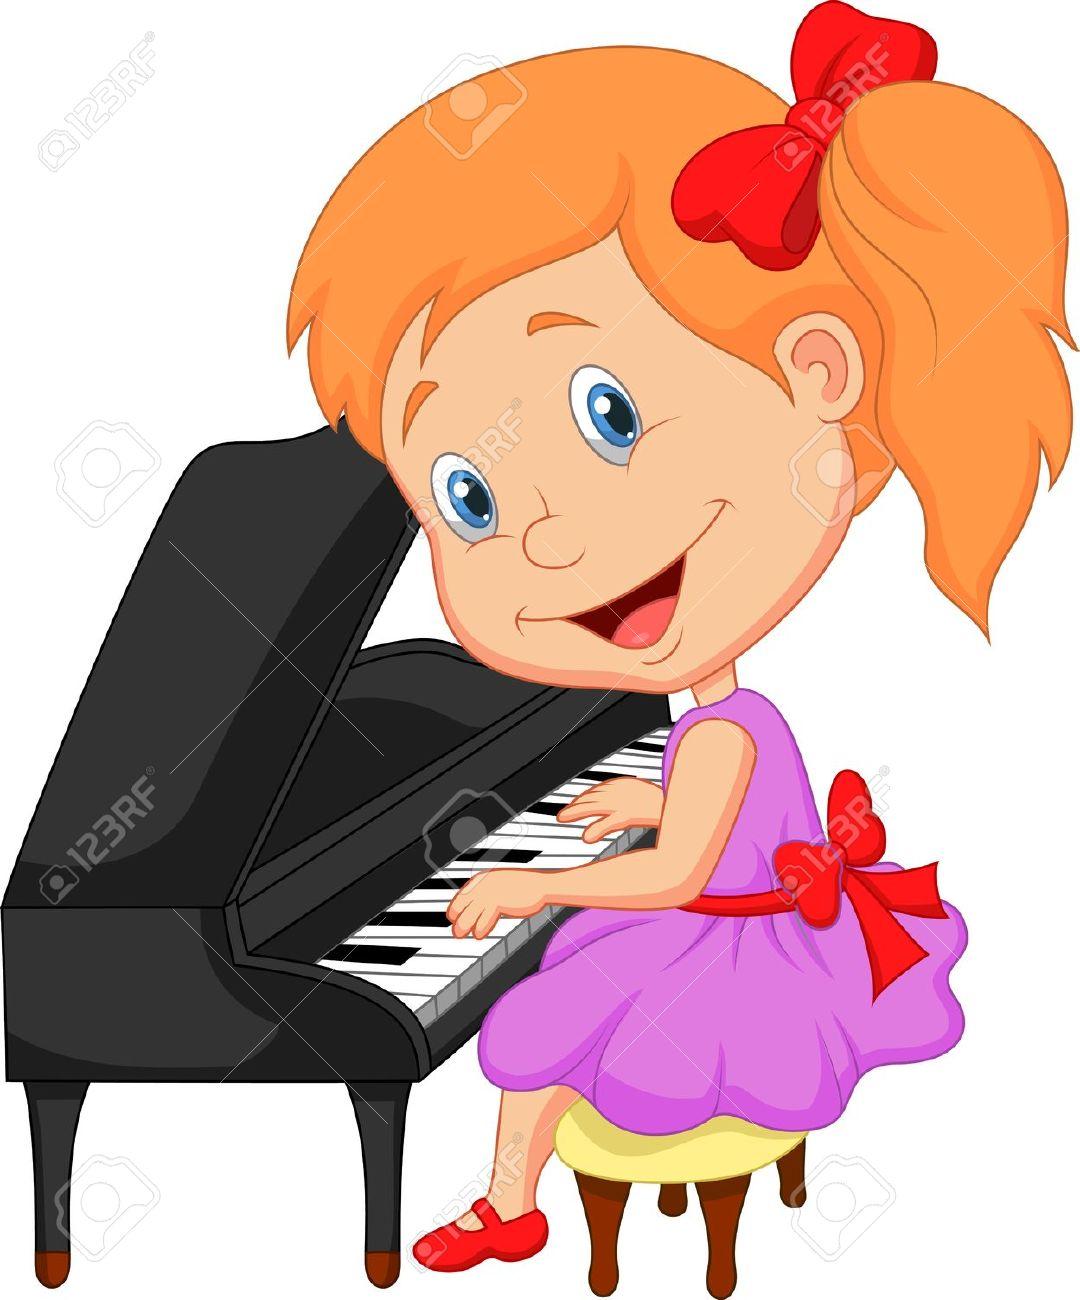 Piano class clipart.